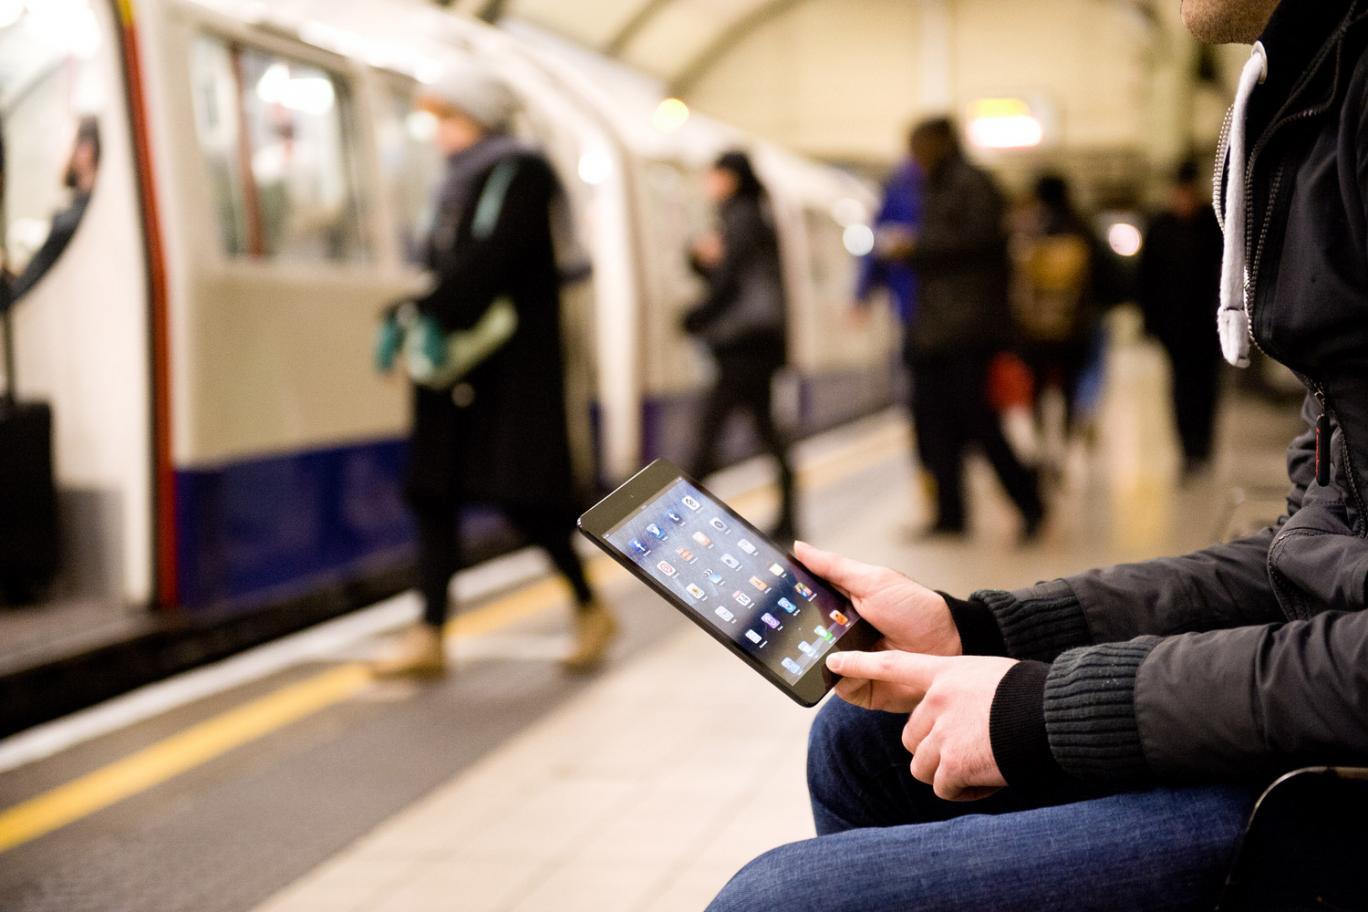 Бесплатный Wi-Fi доступен на всех линиях метро Санкт-Петербурга